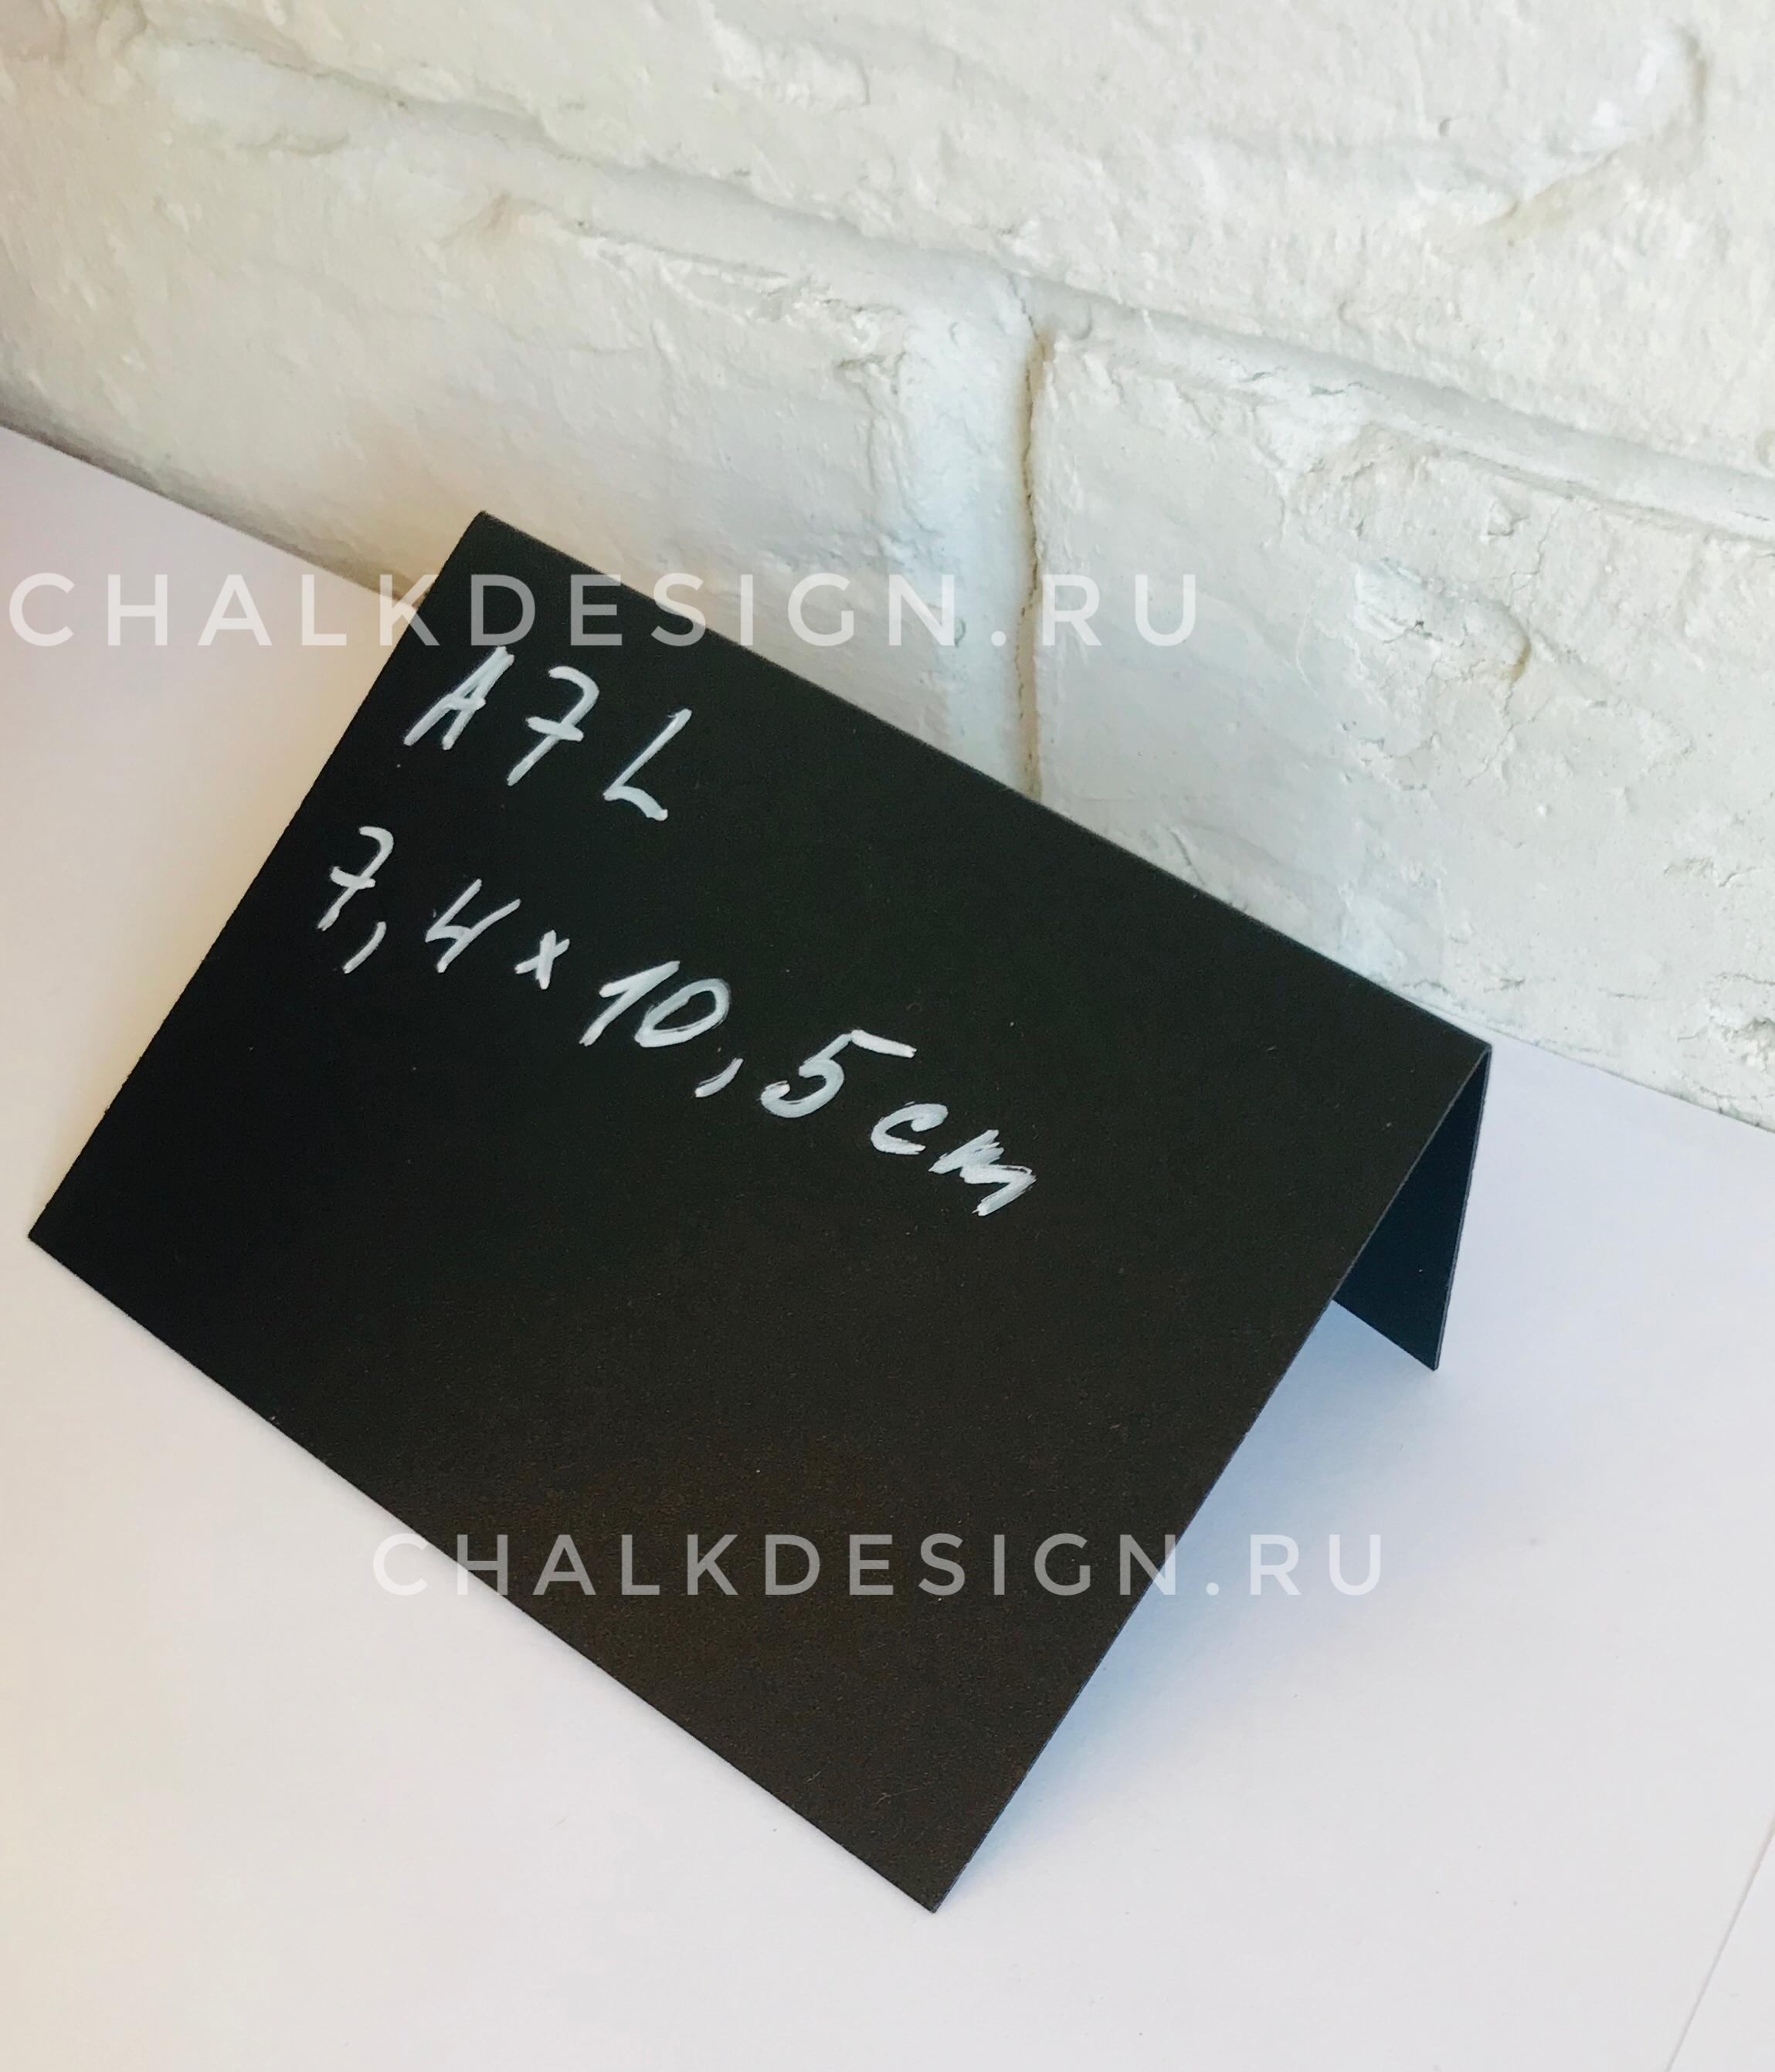 Меловой ценник для розницы купить (2).jp